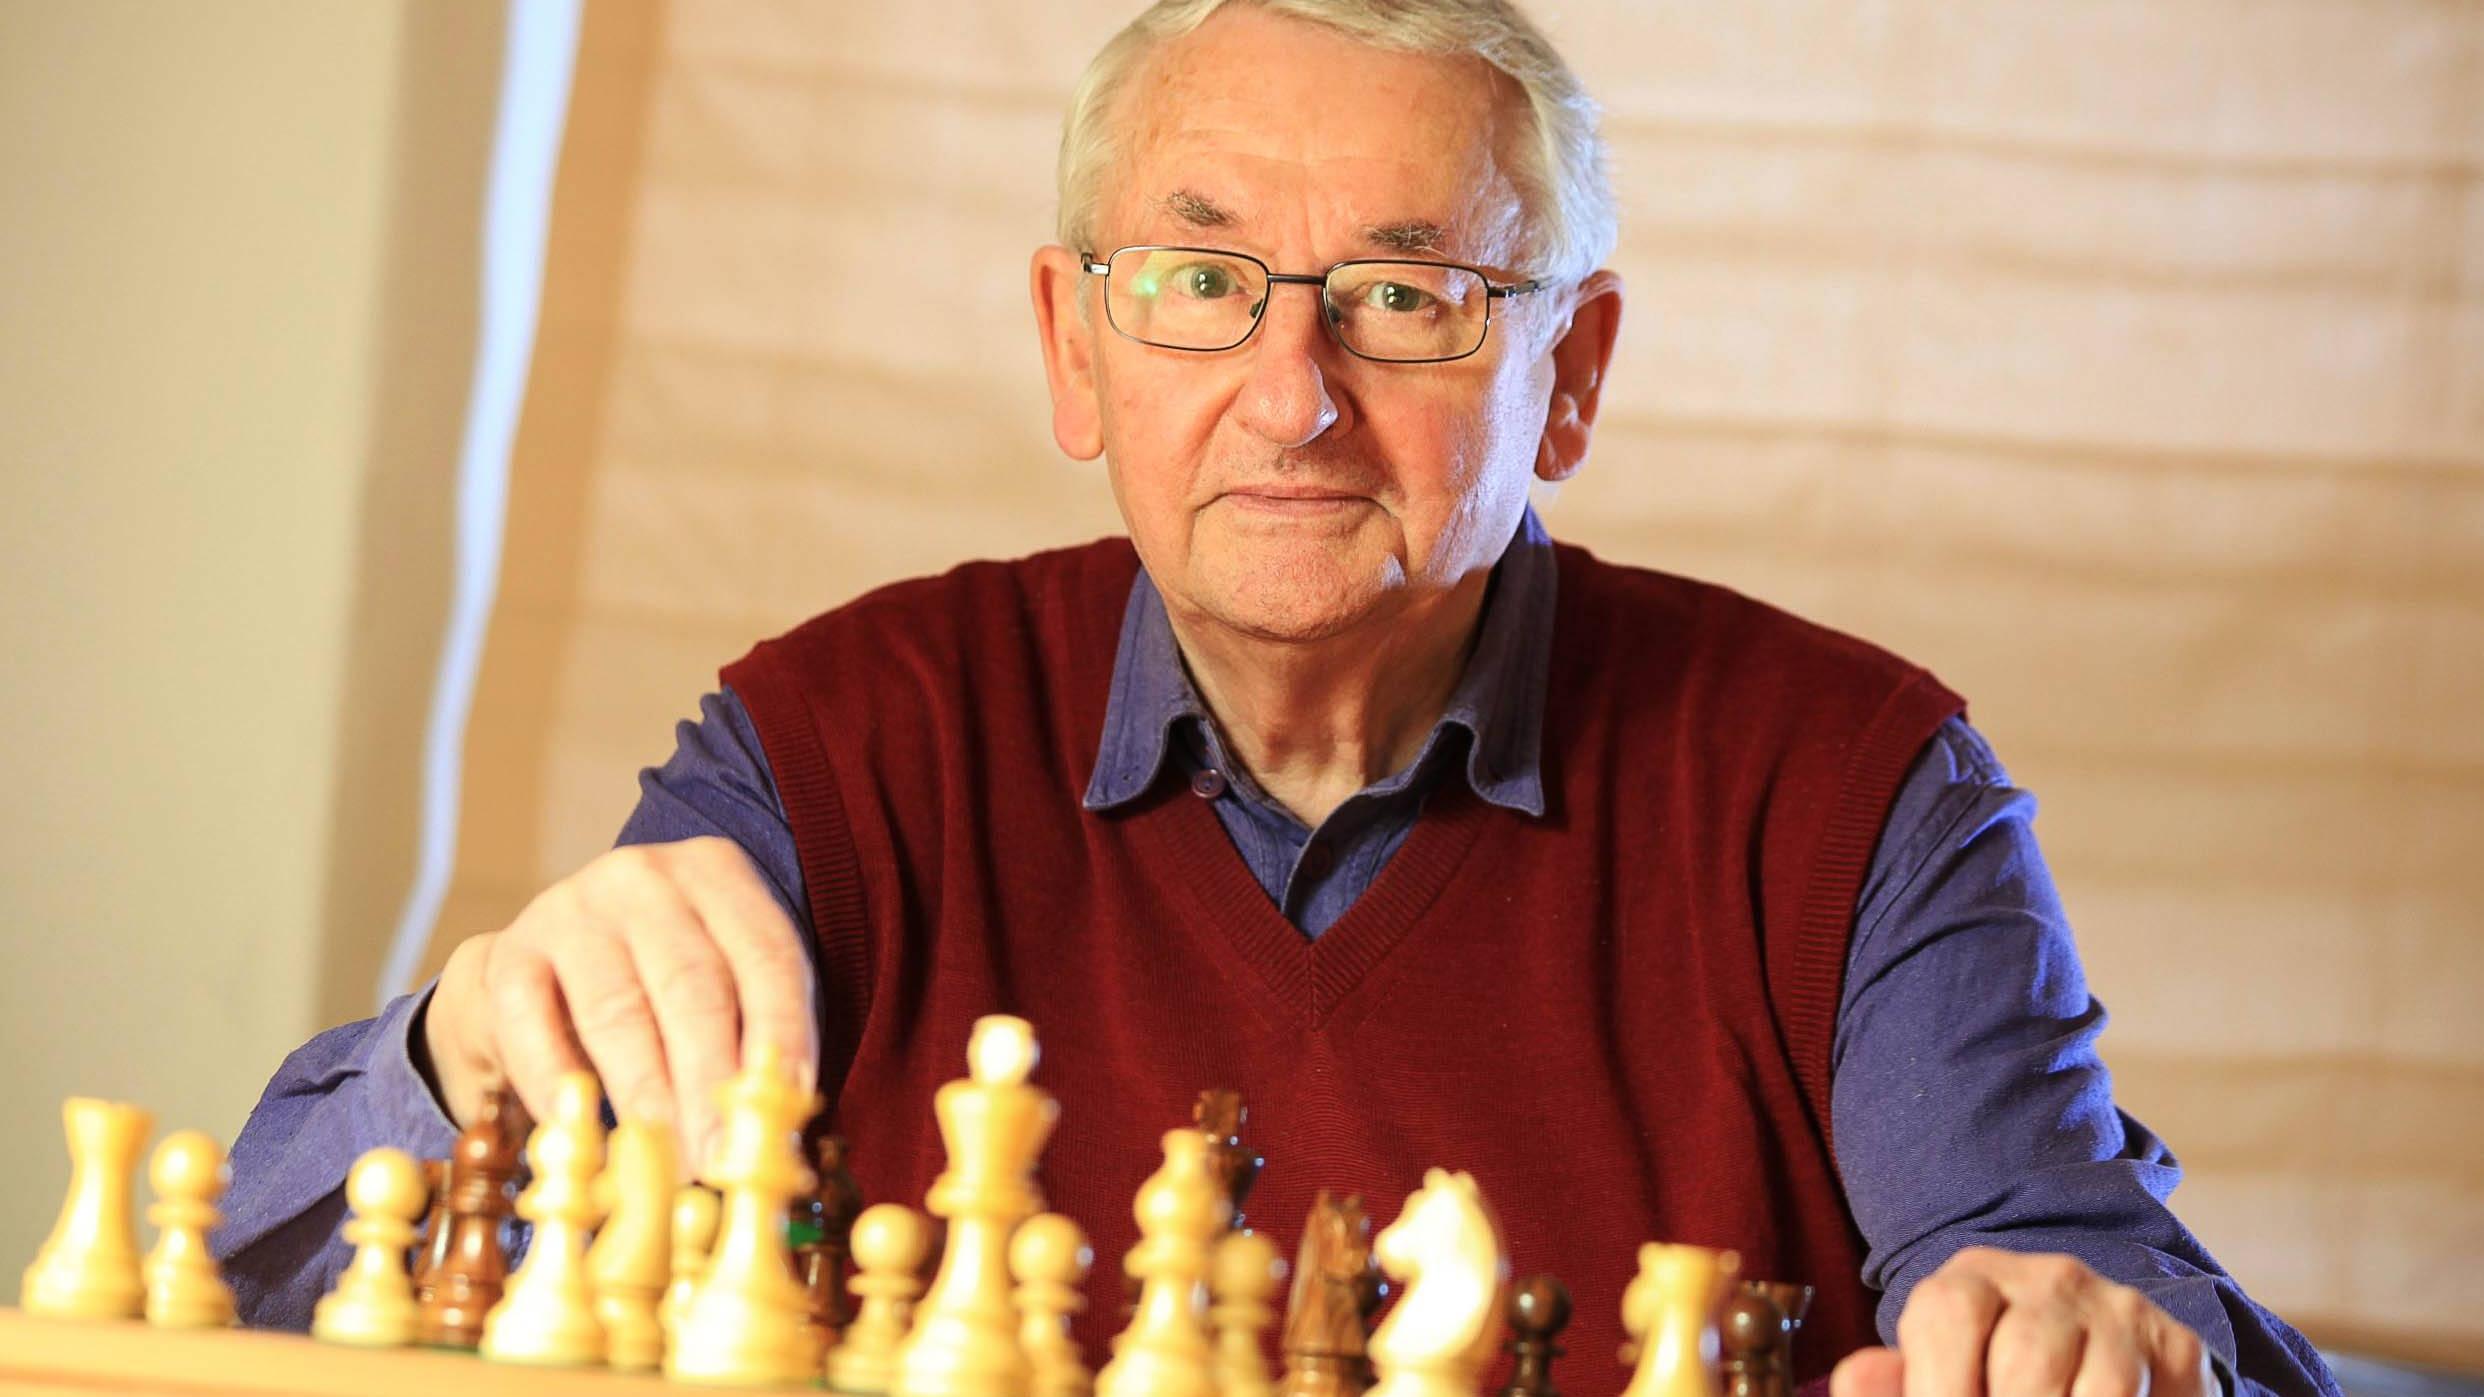 Schach ist das Spiel schlechthin für ein kognitives Training.